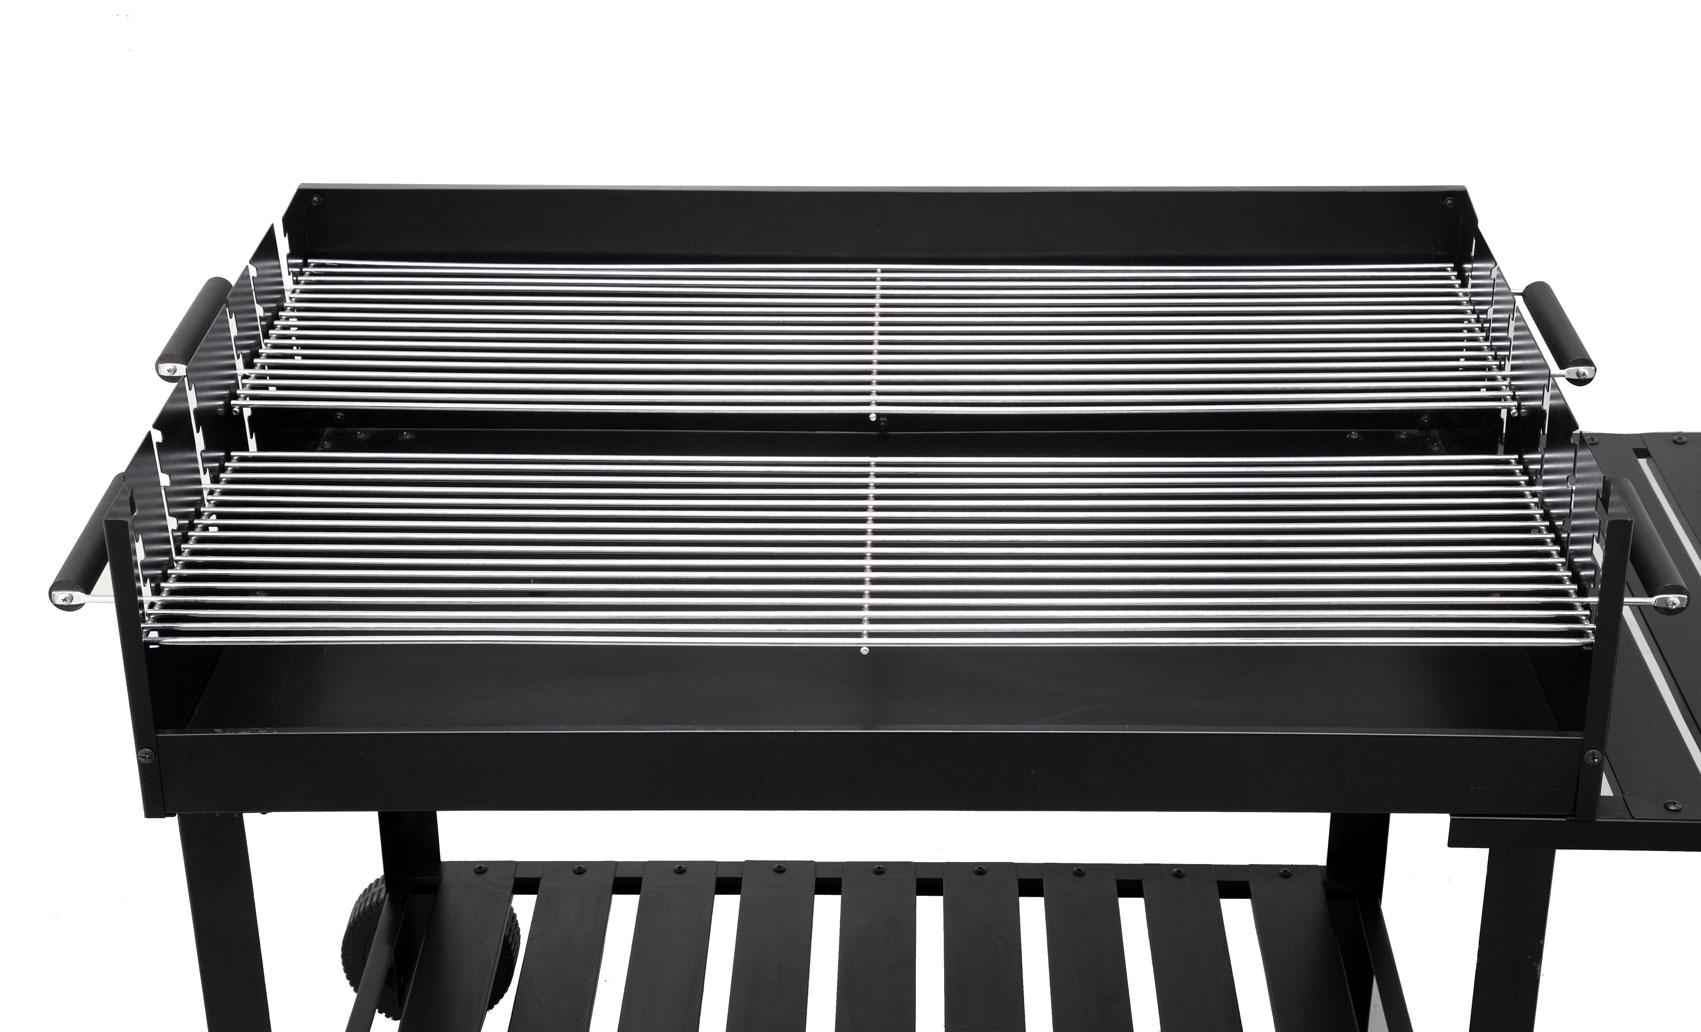 holzkohlegrill gro e grillfl che bestseller shop mit top marken. Black Bedroom Furniture Sets. Home Design Ideas